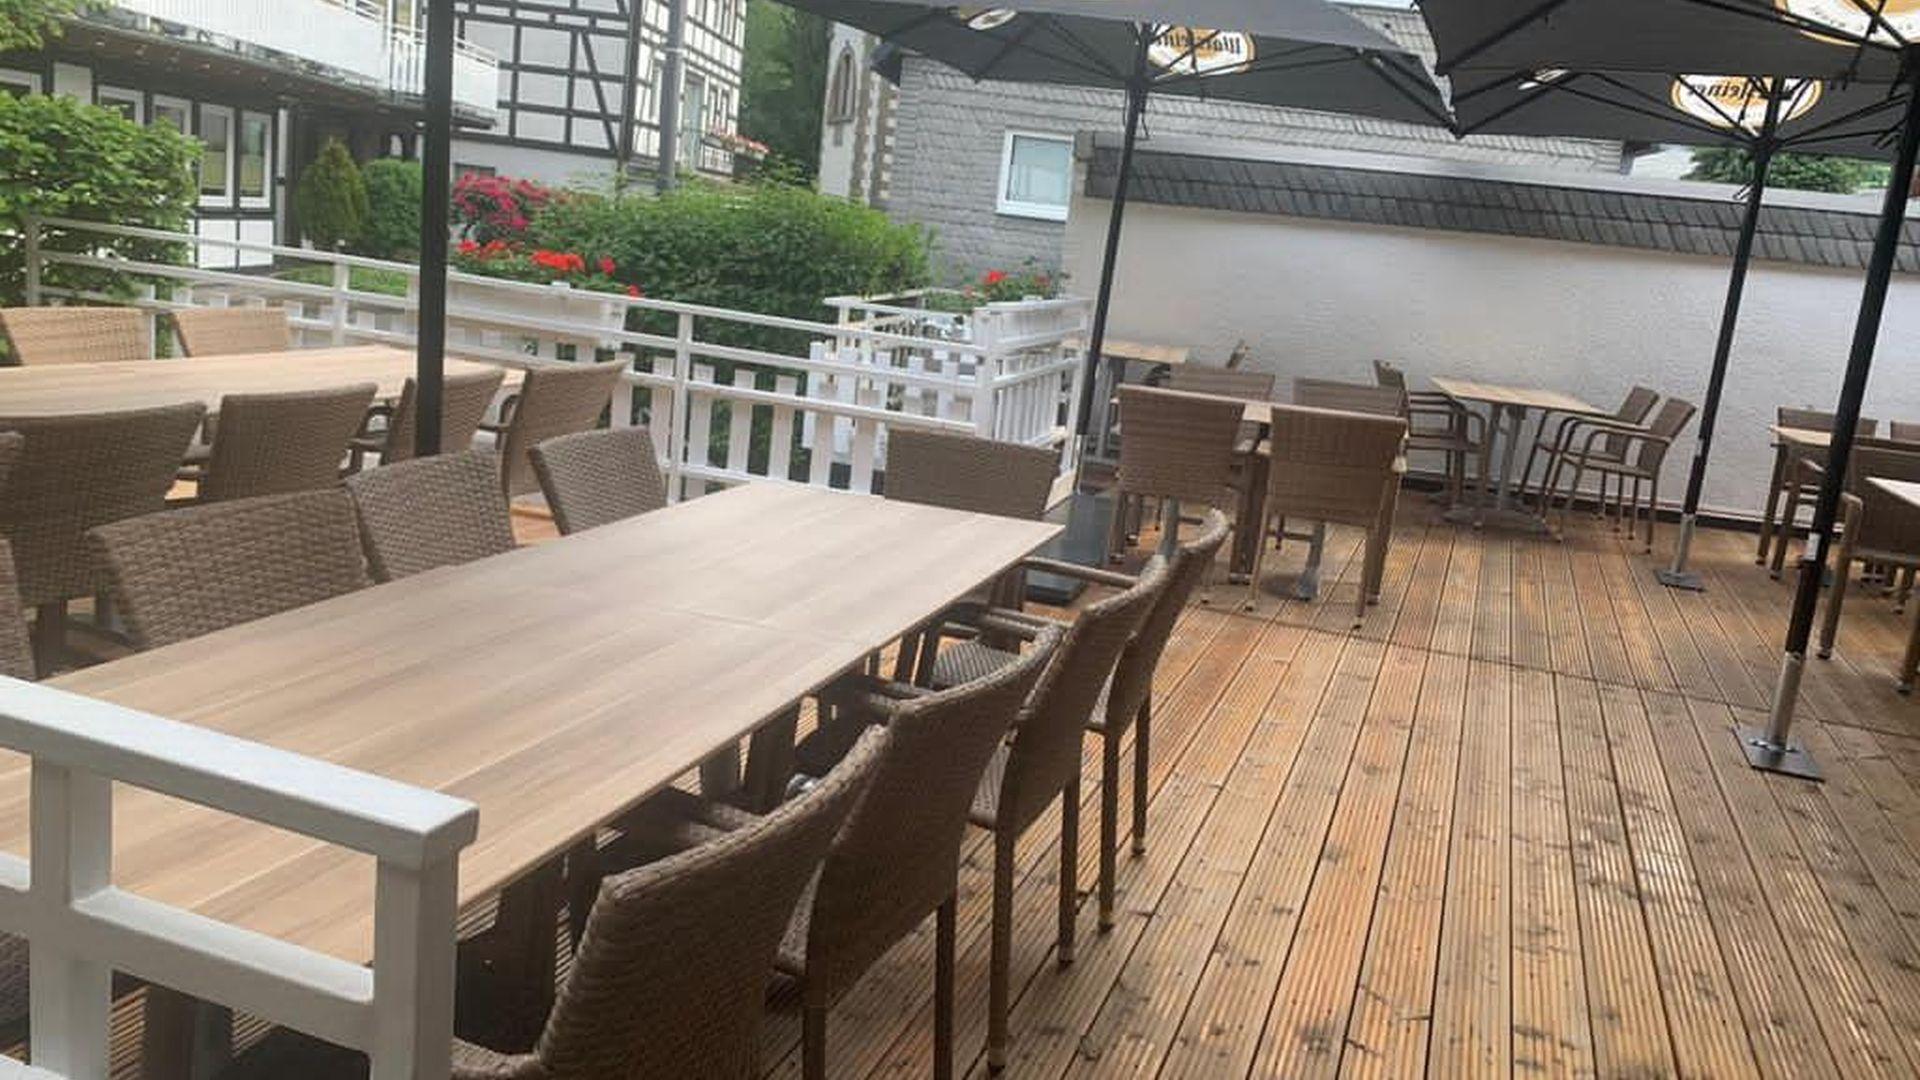 baustellendokumentation-renovierung-terrasse-hotel-sauerland